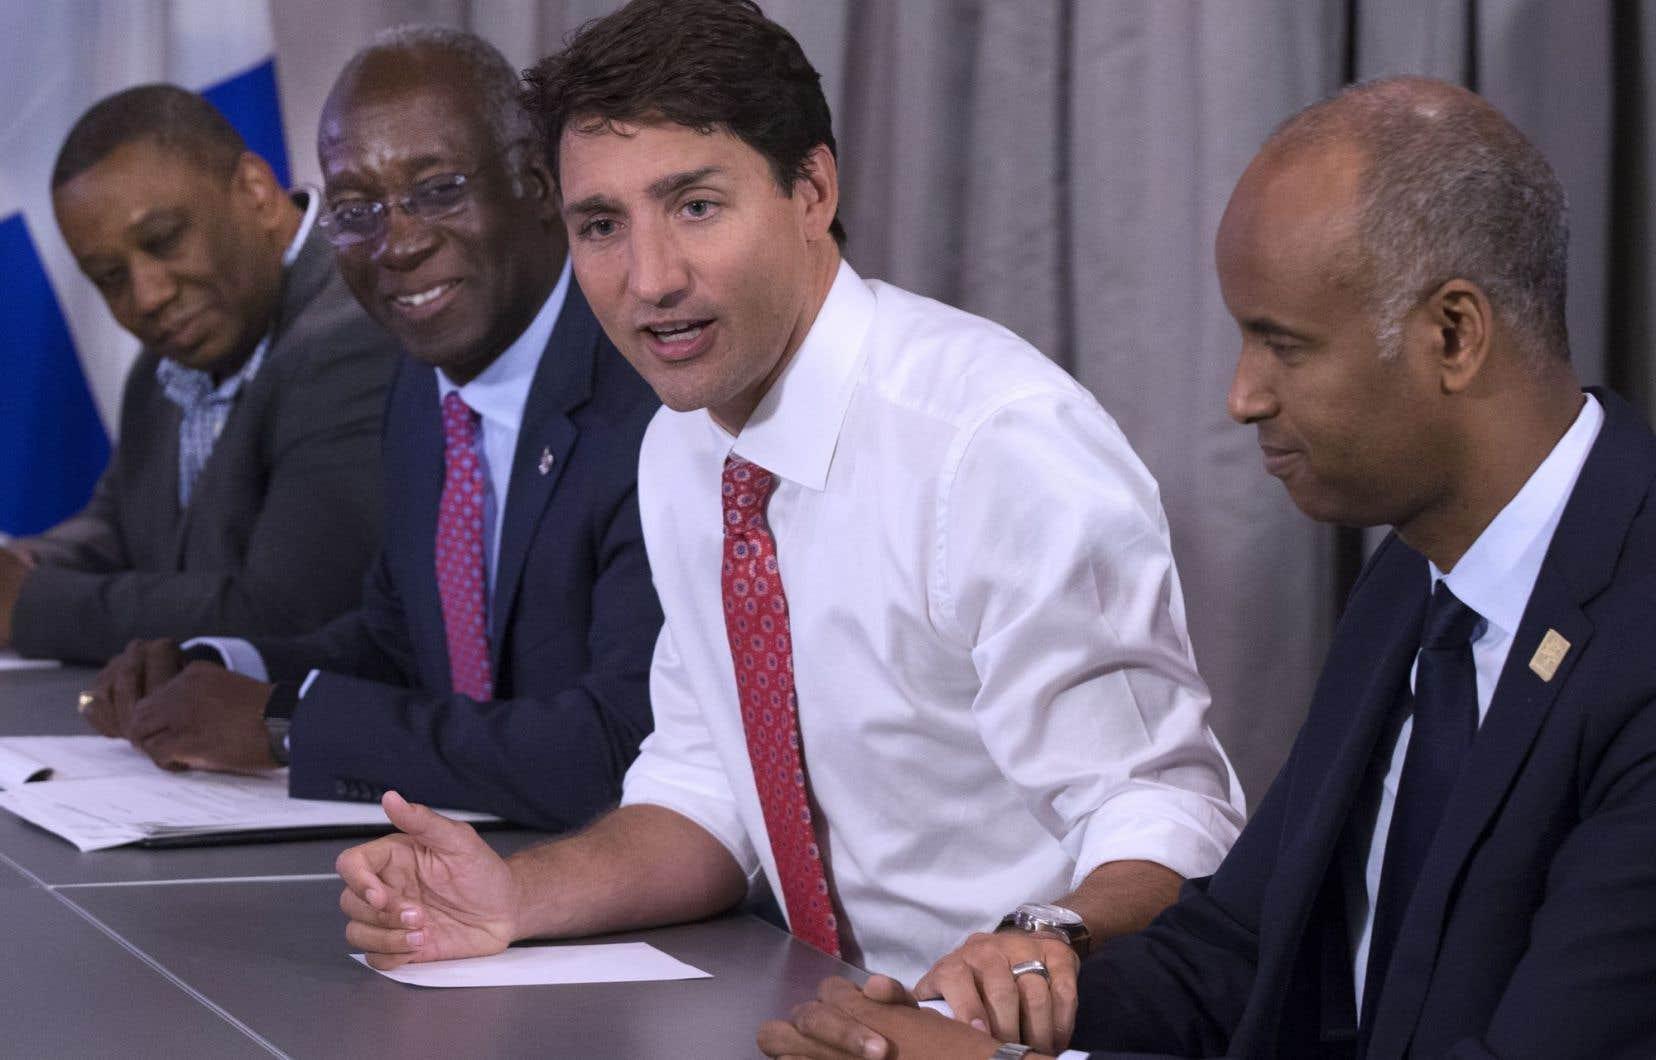 Le premier ministre Justin Trudeau a rencontré des membres de la communauté haïtienne à Montréal, mercredi